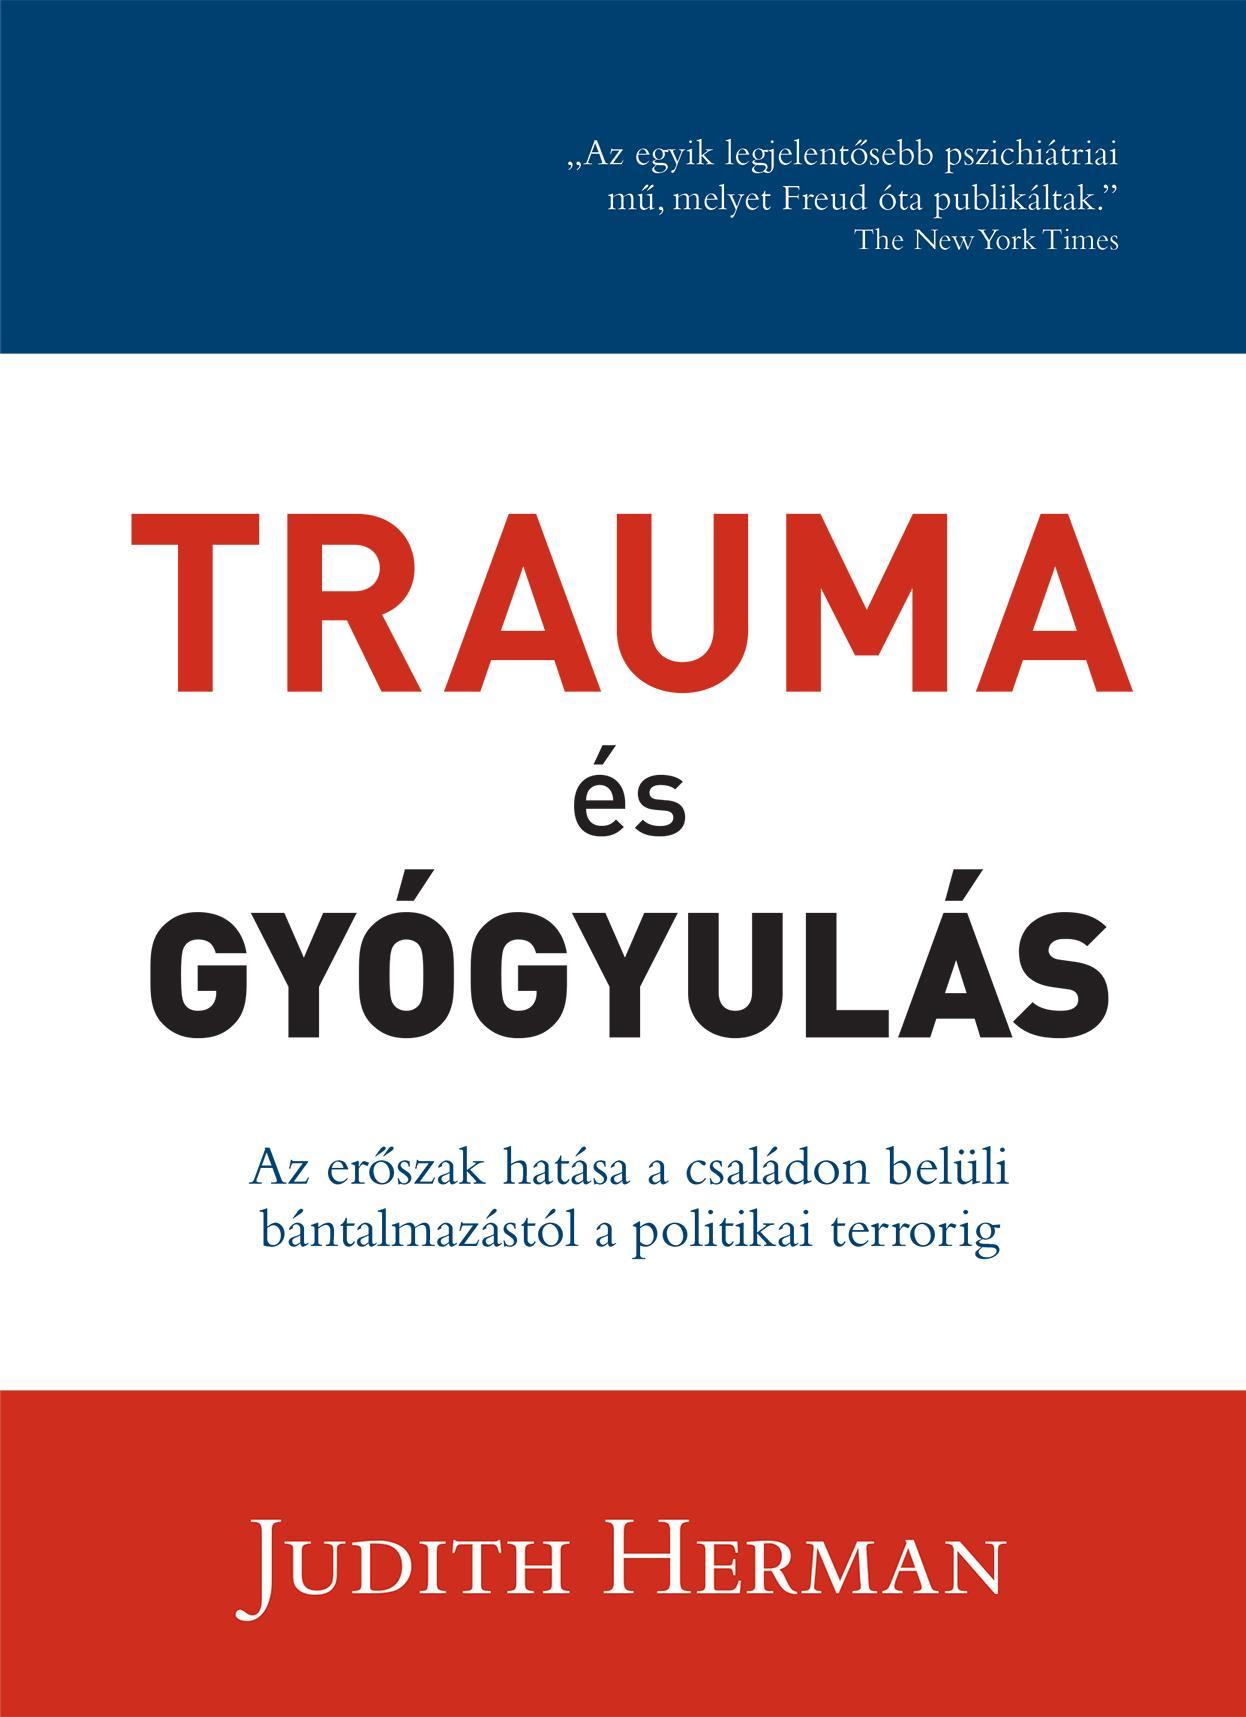 Trauma és gyógyulás - Judith Herman |